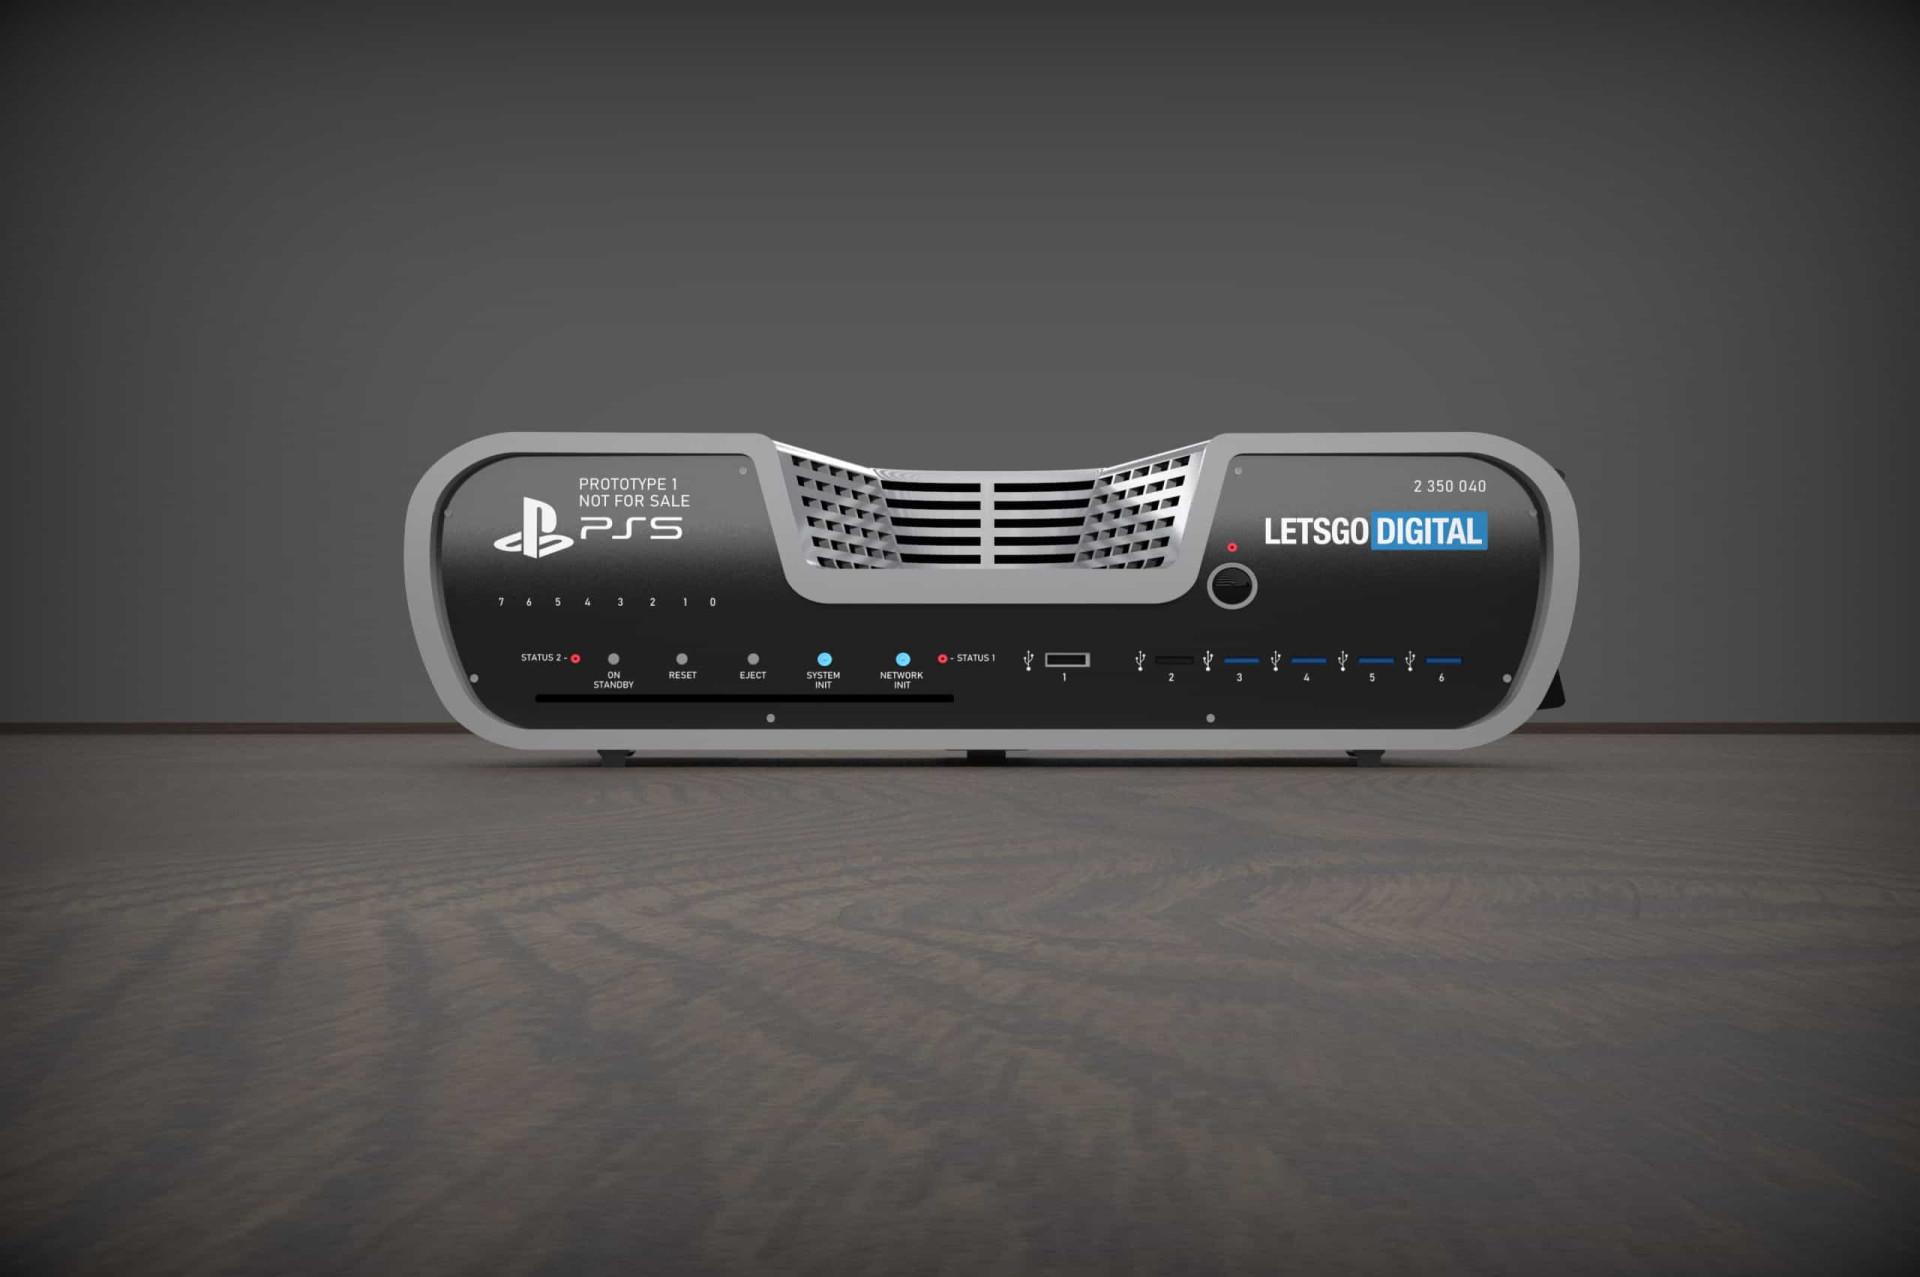 Vaza suposta imagem do novo PlayStation 5